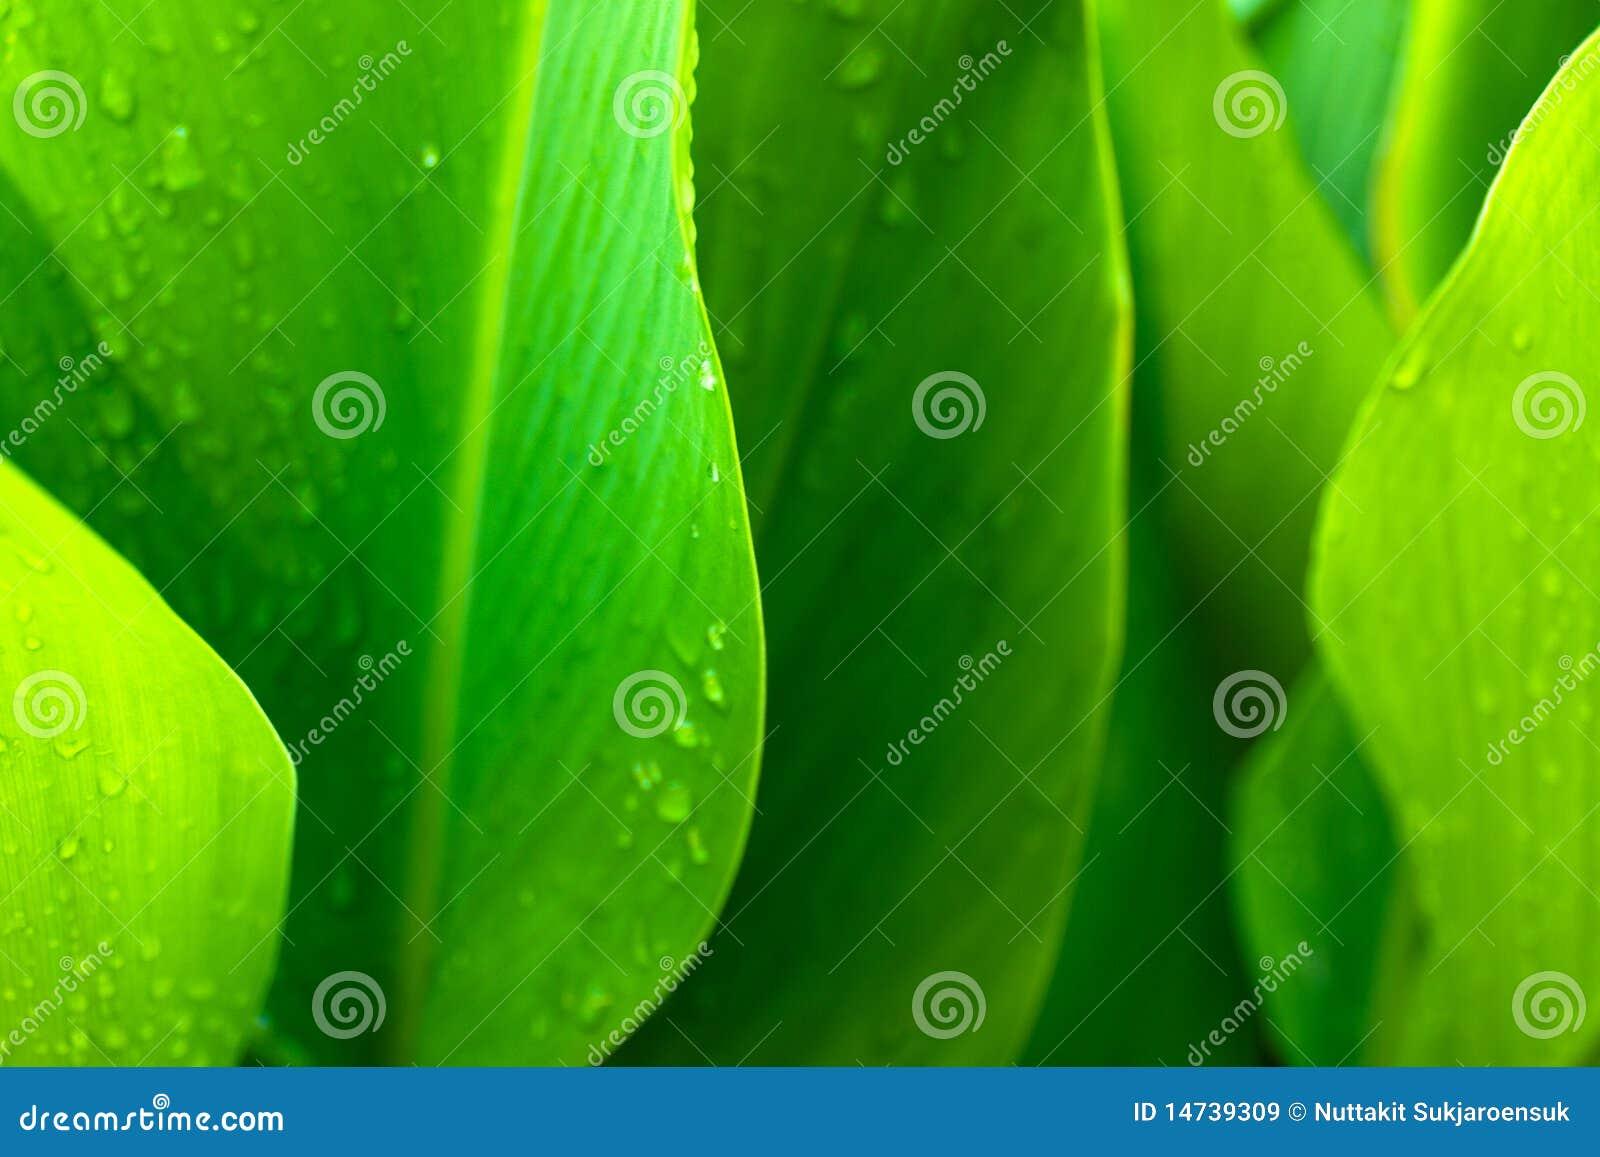 Grüner Blathintergrund